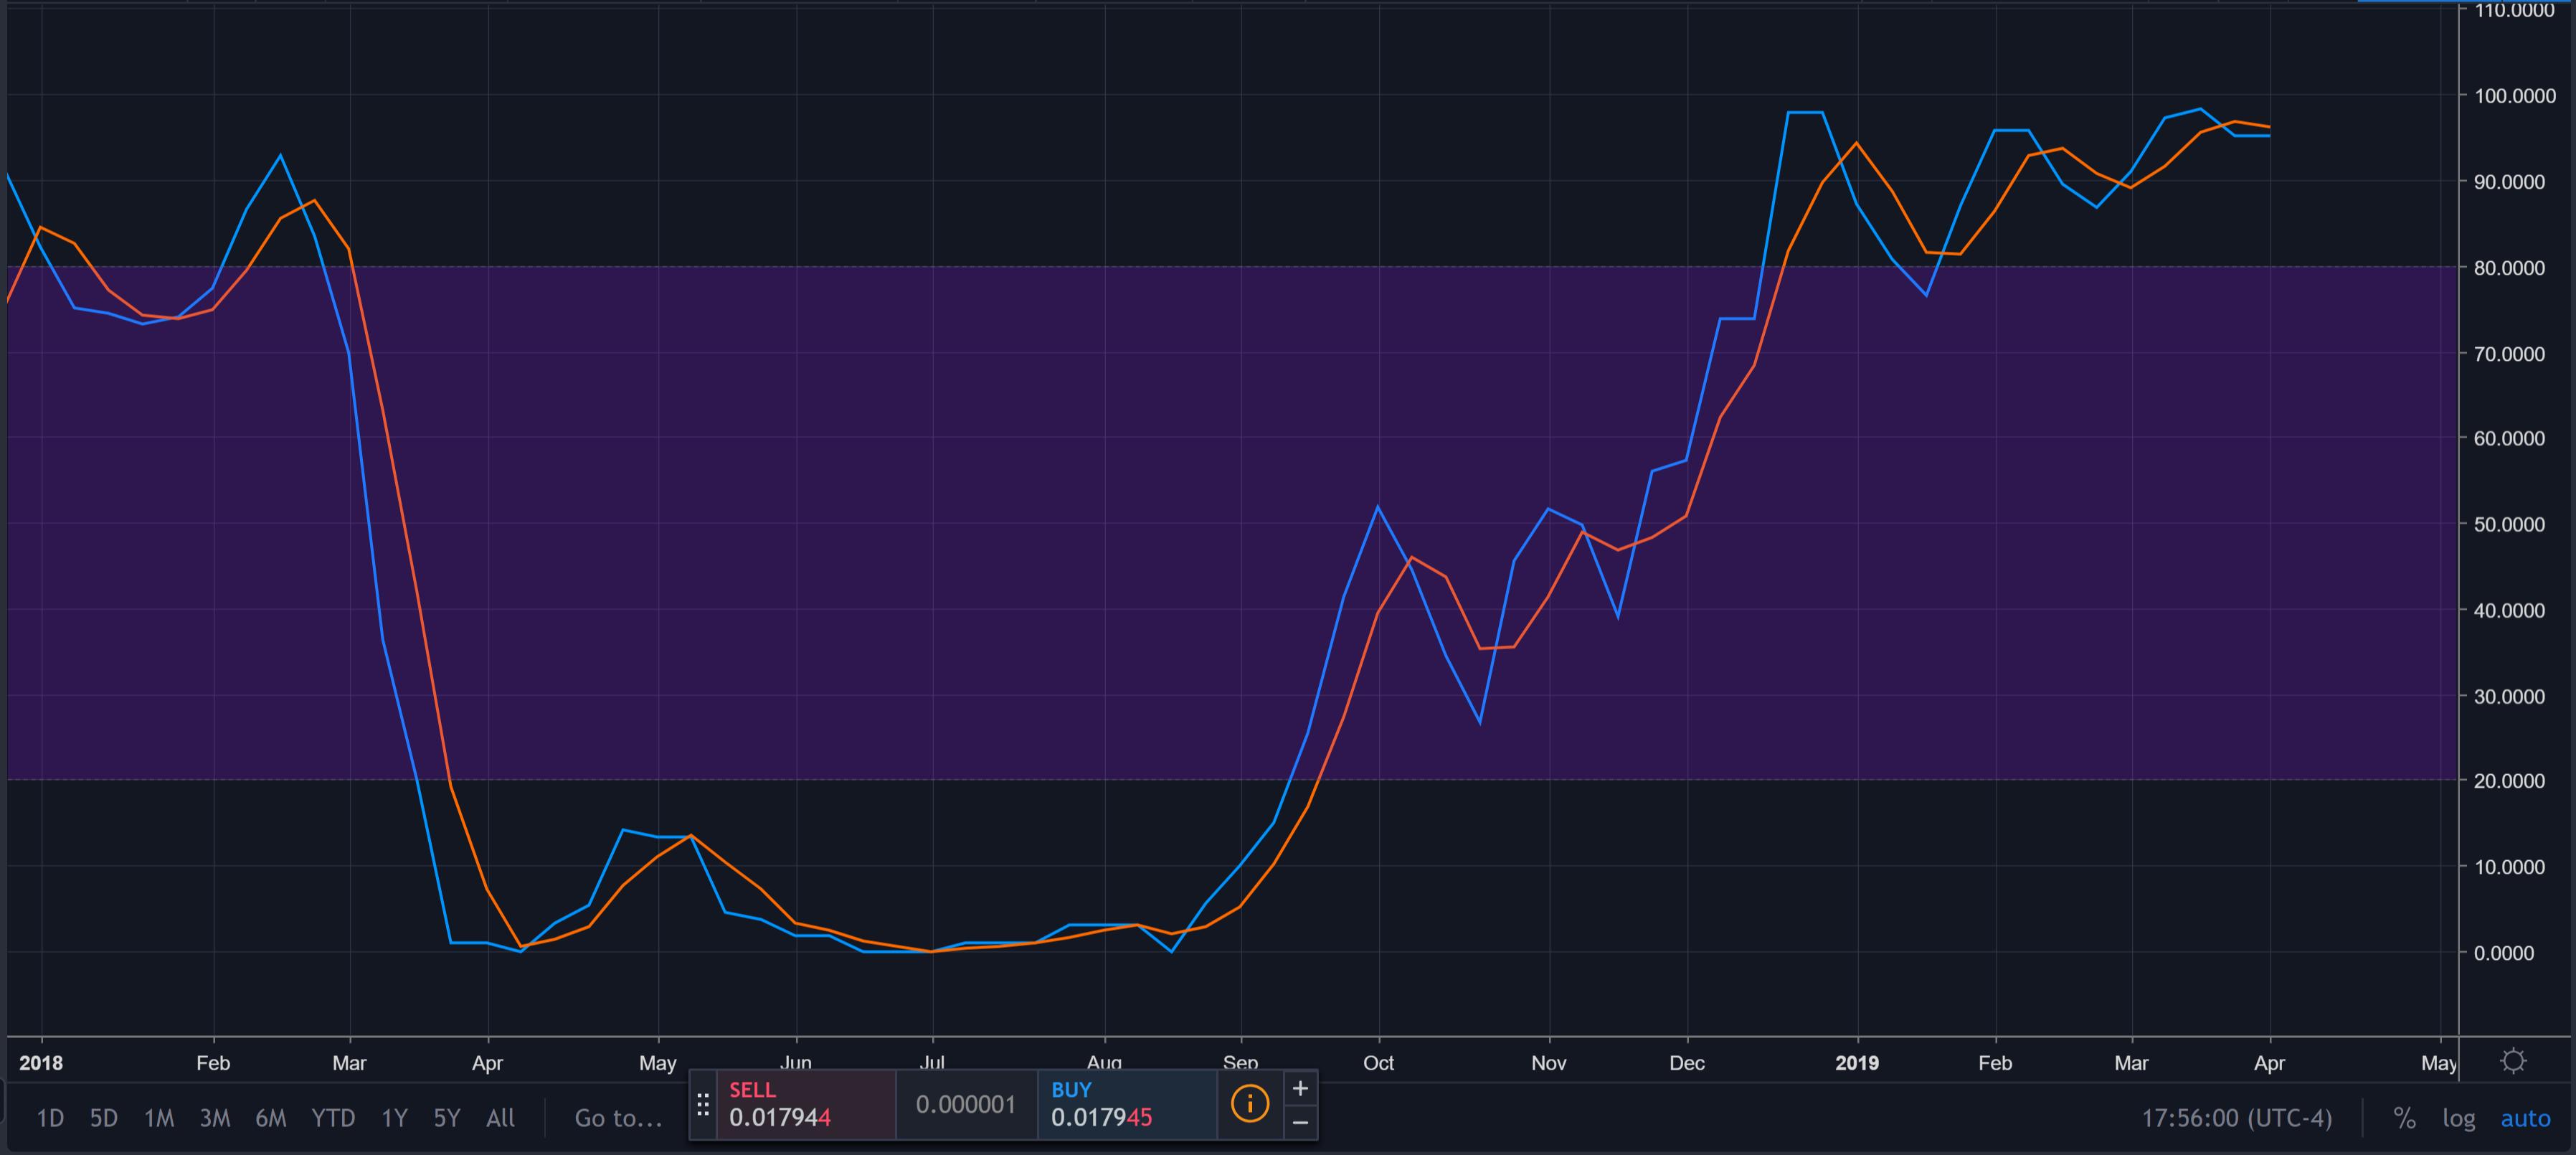 il prezzo di litecoin continua a squarciare il pre impianto ma potrebbe aver bisogno di una correzione 1 - Il prezzo di Litecoin continua a squarciare il pre-impianto, ma potrebbe aver bisogno di una correzione